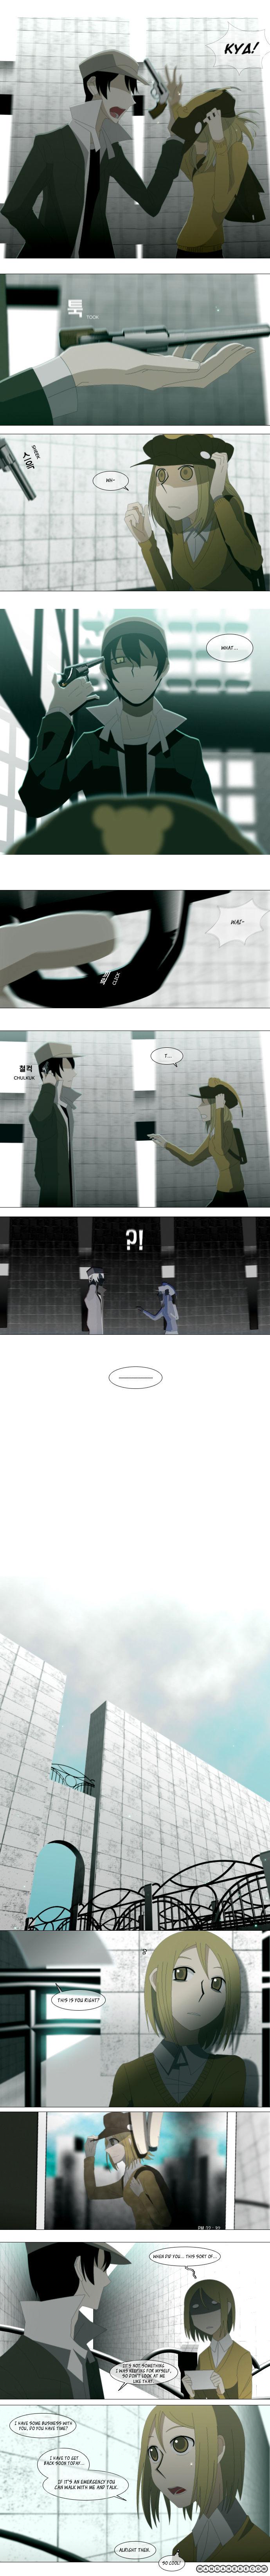 Automata 3 Page 2